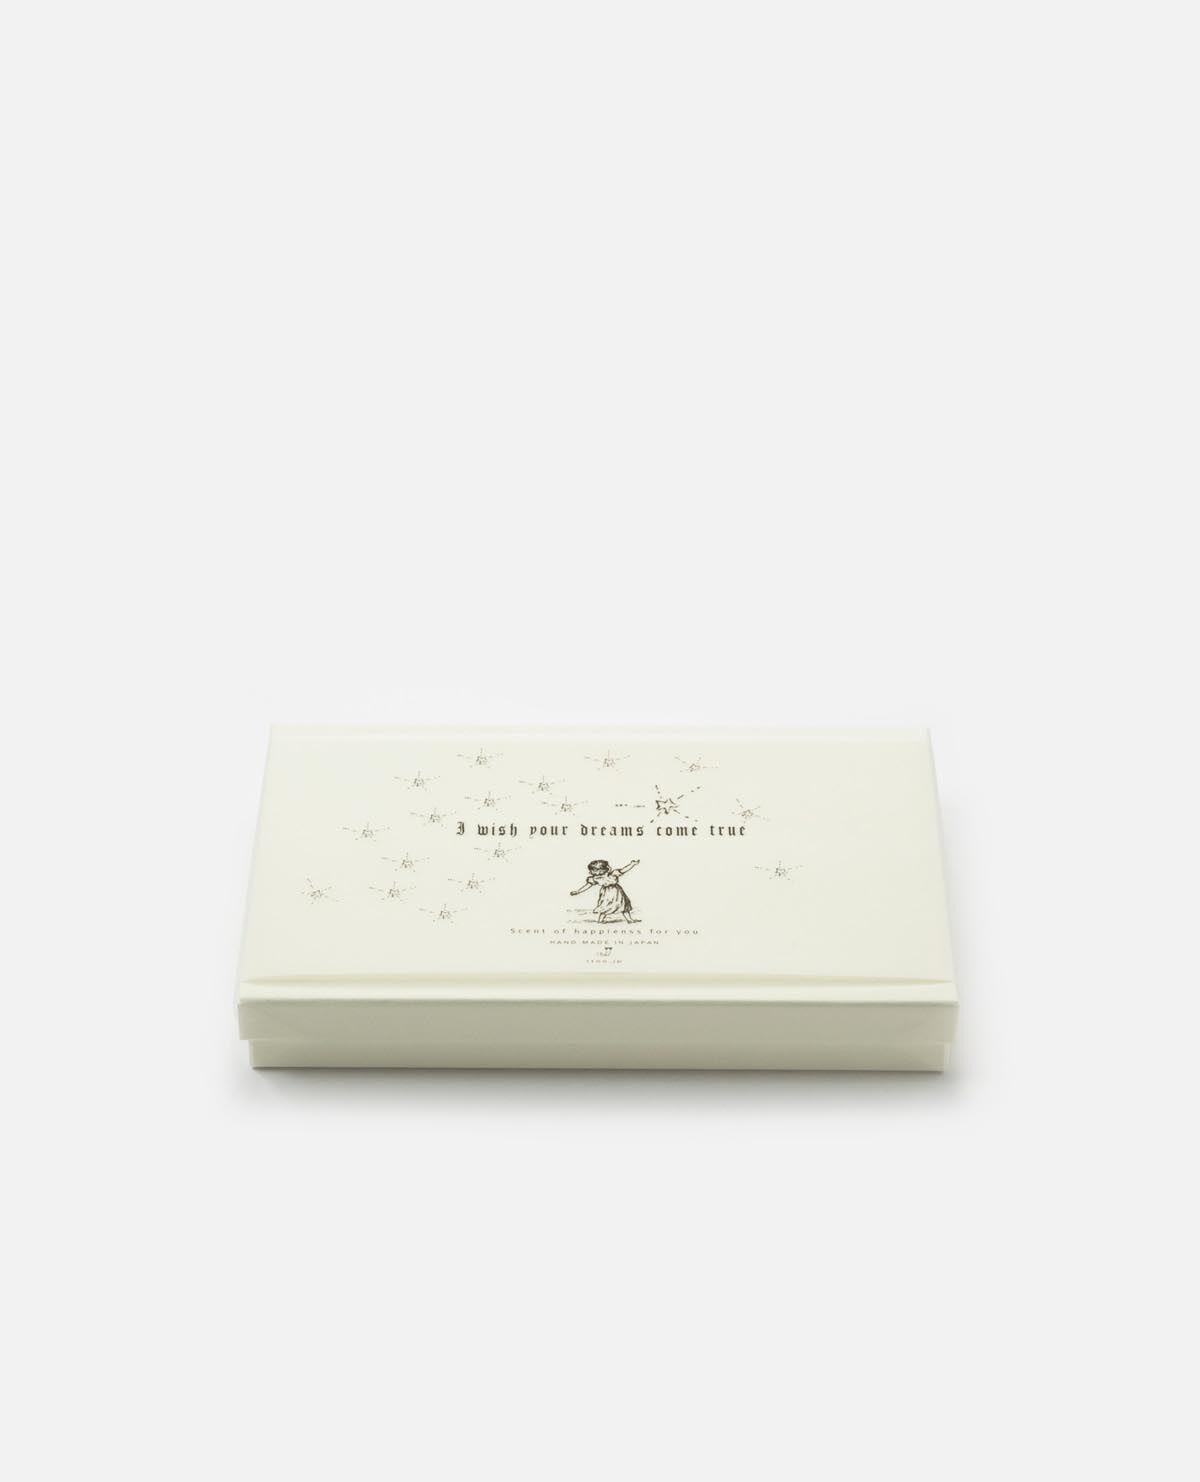 アローム リース&ツリー(ナチュラルフォレストな香り)